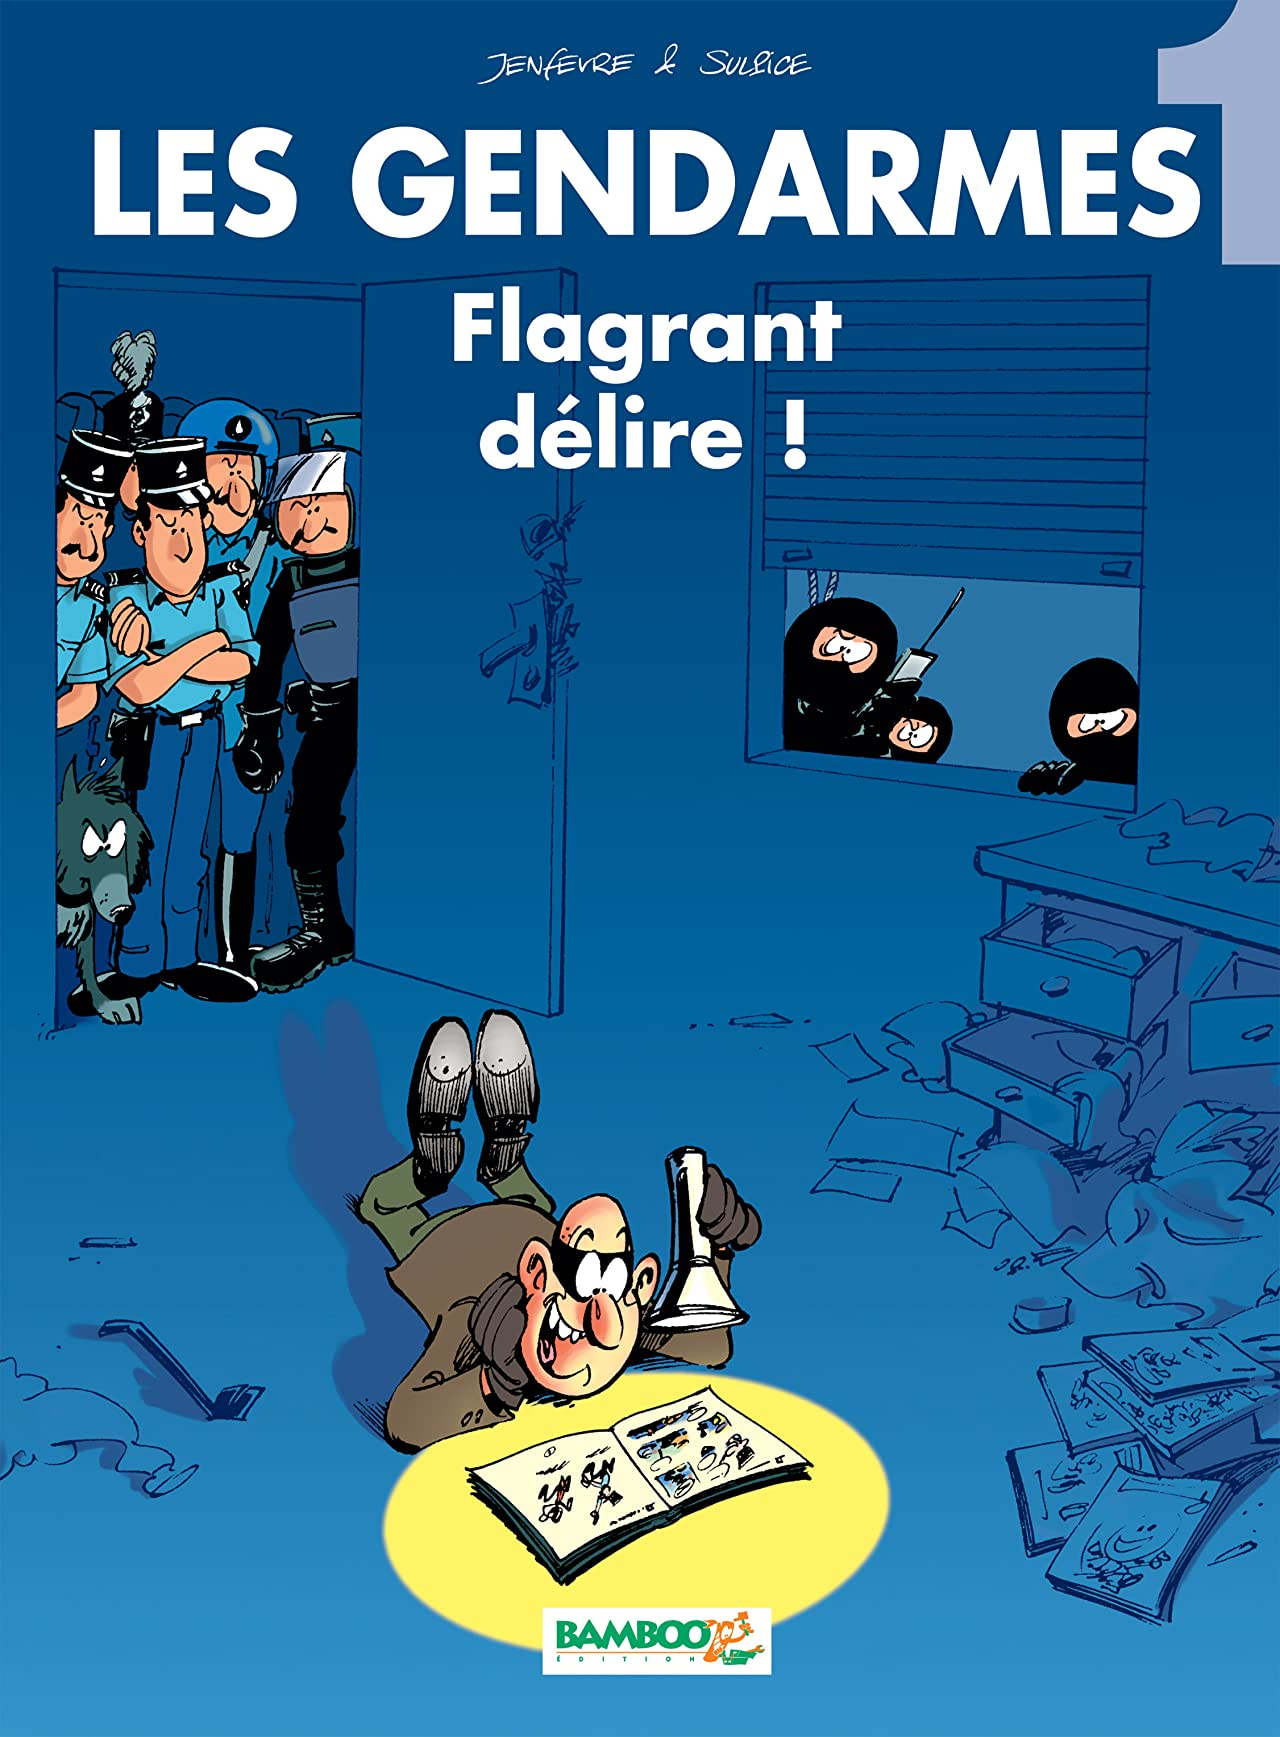 Les Gendarmes Vol. 1: Flagrant délire !